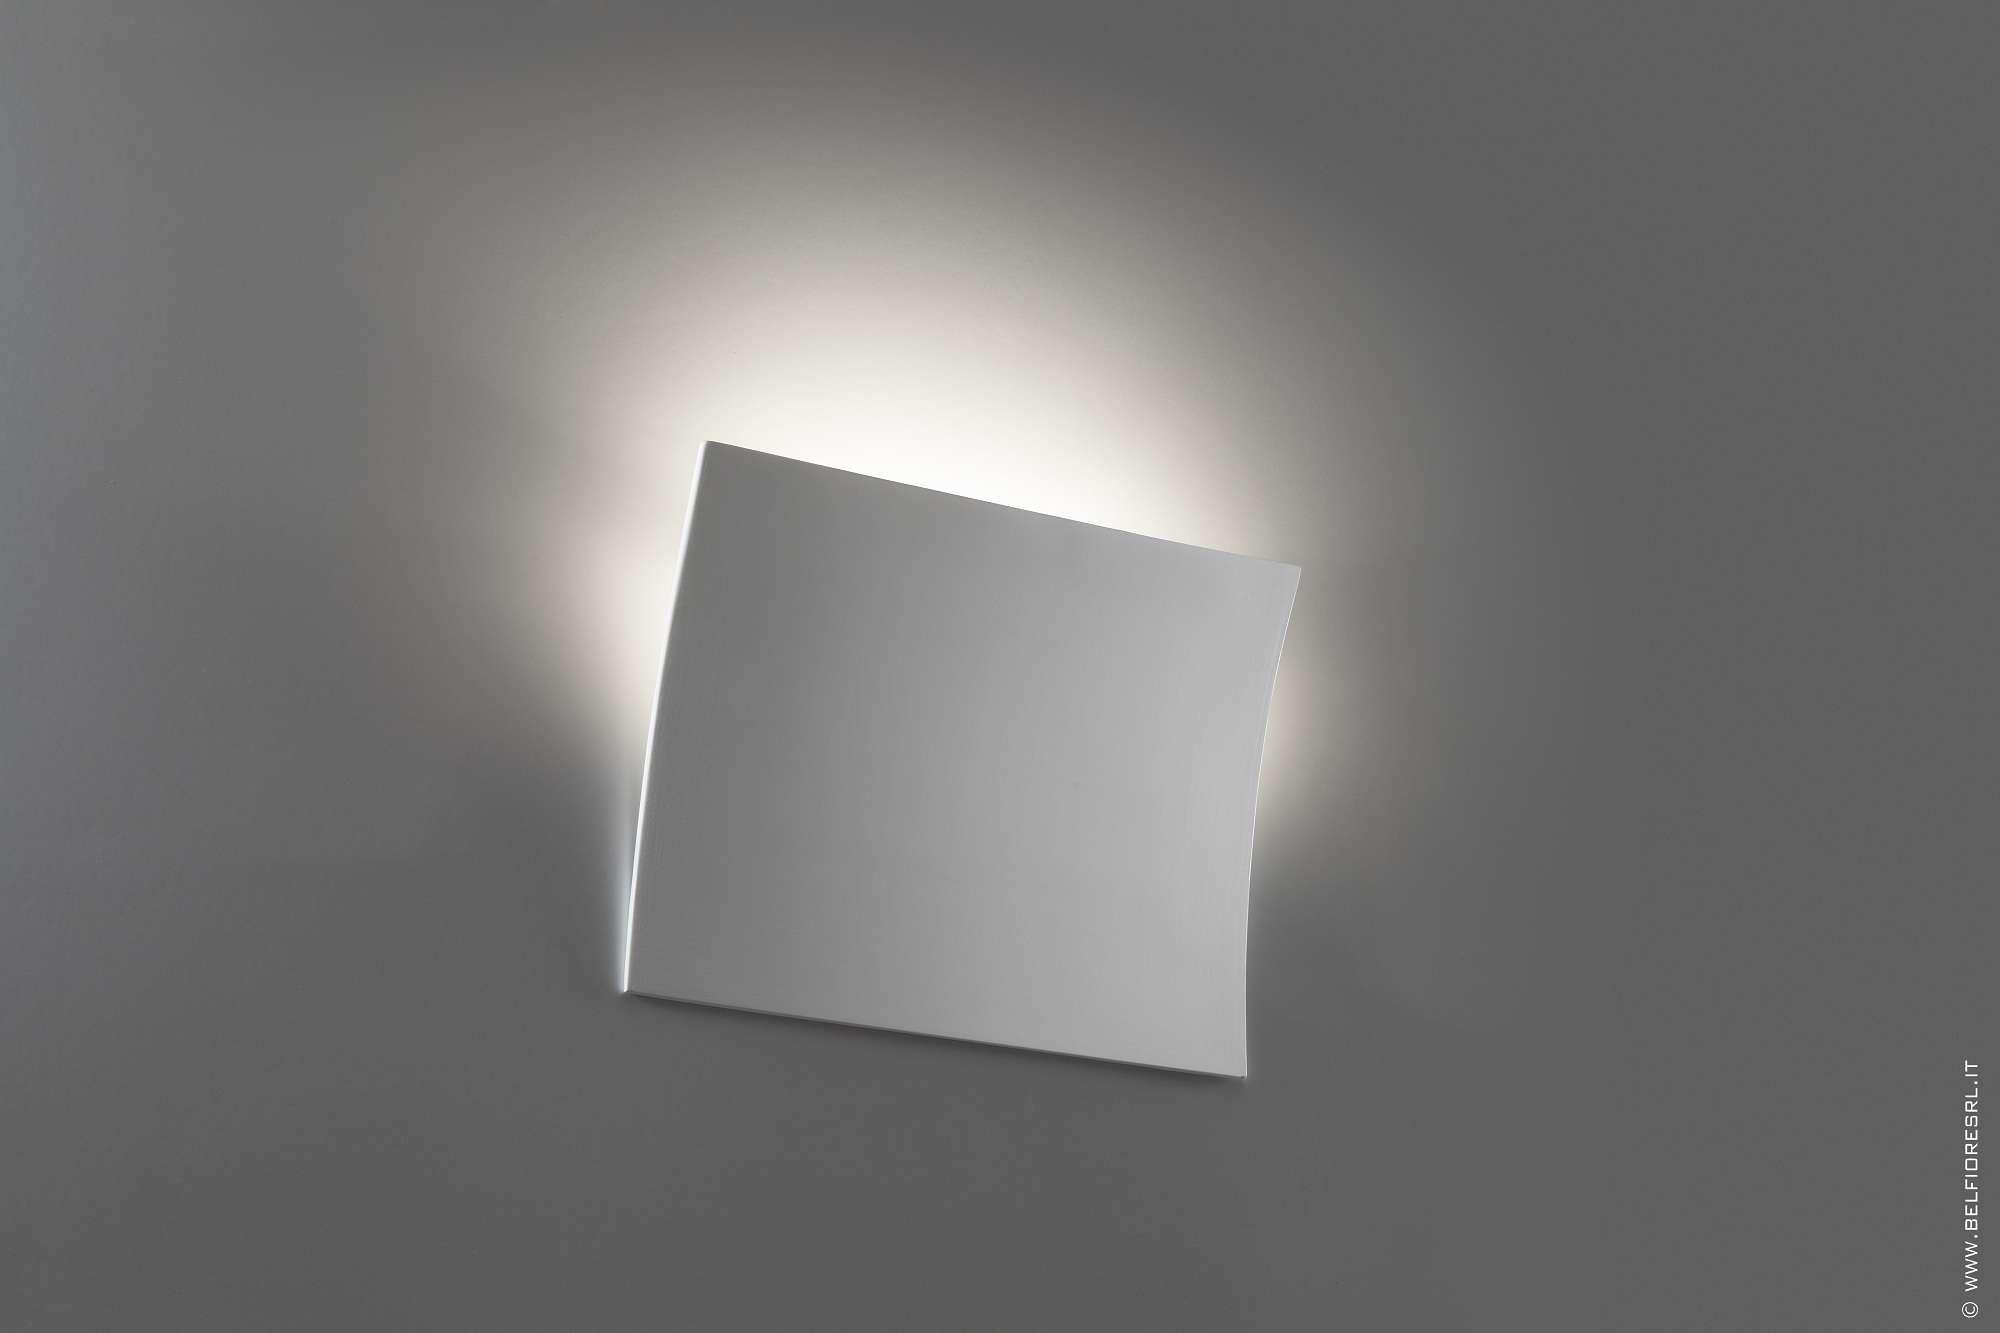 Plafoniere Moderne Da Soffitto A Led : Lampade per bagno da soffitto. top soffitto